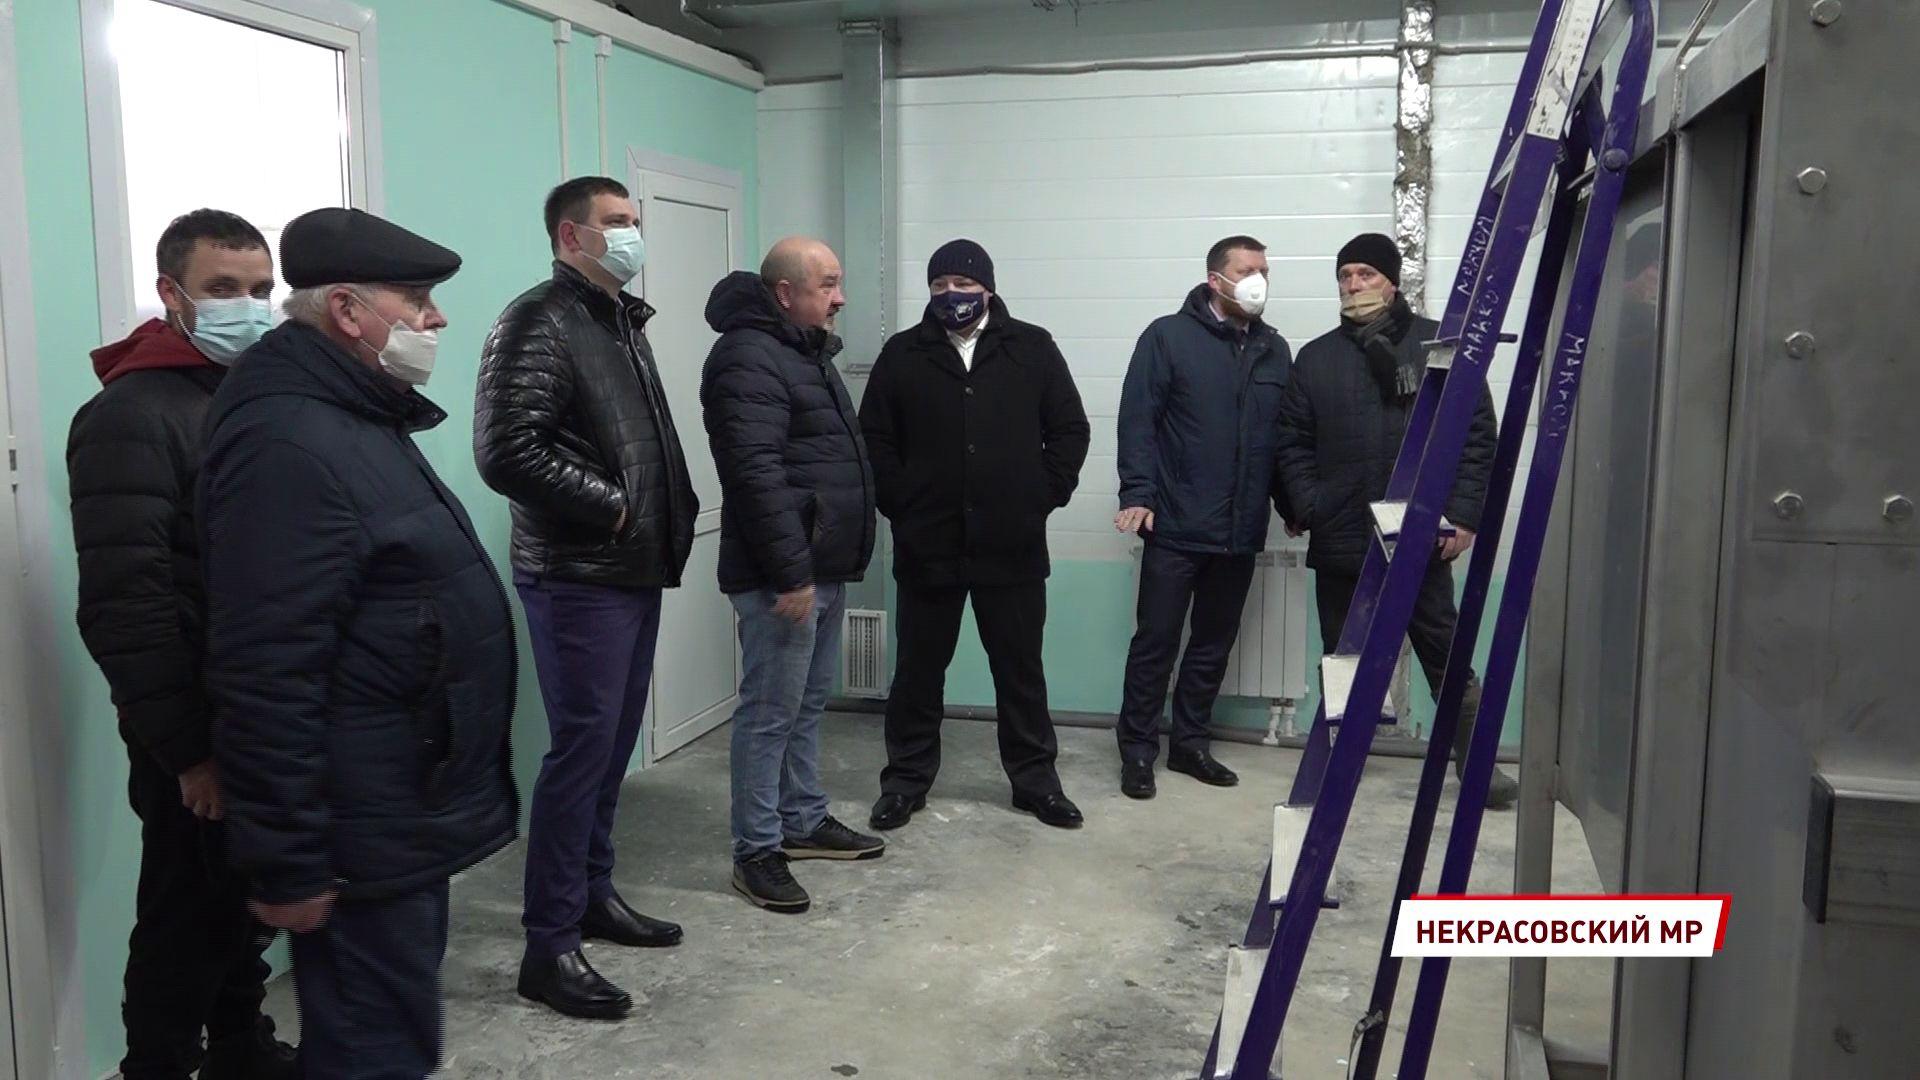 Андрей Коваленко рассказал о своей новой должности и работе в Госдуме